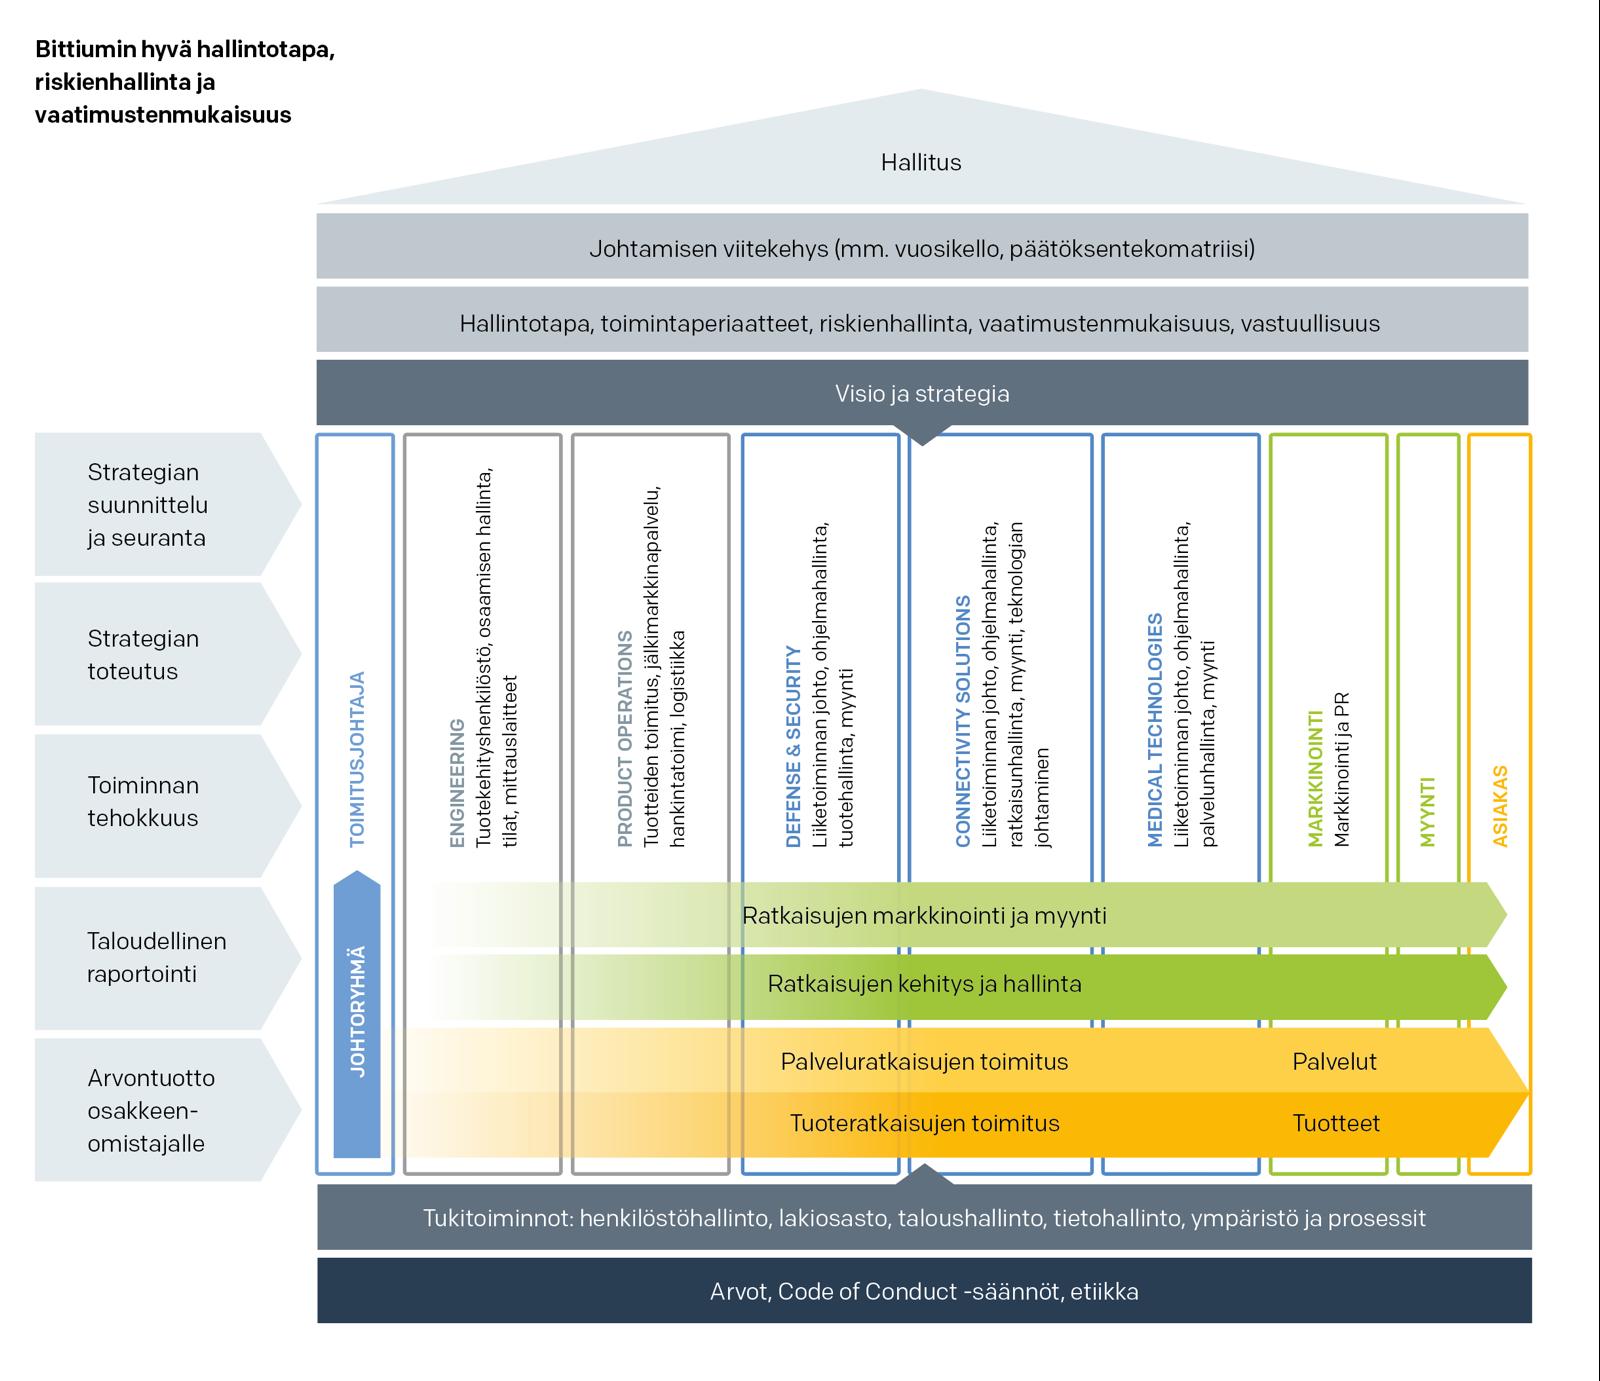 Bittiumin hyvä hallintotapa, riskienhallinta ja vaatimustenmukaisuus